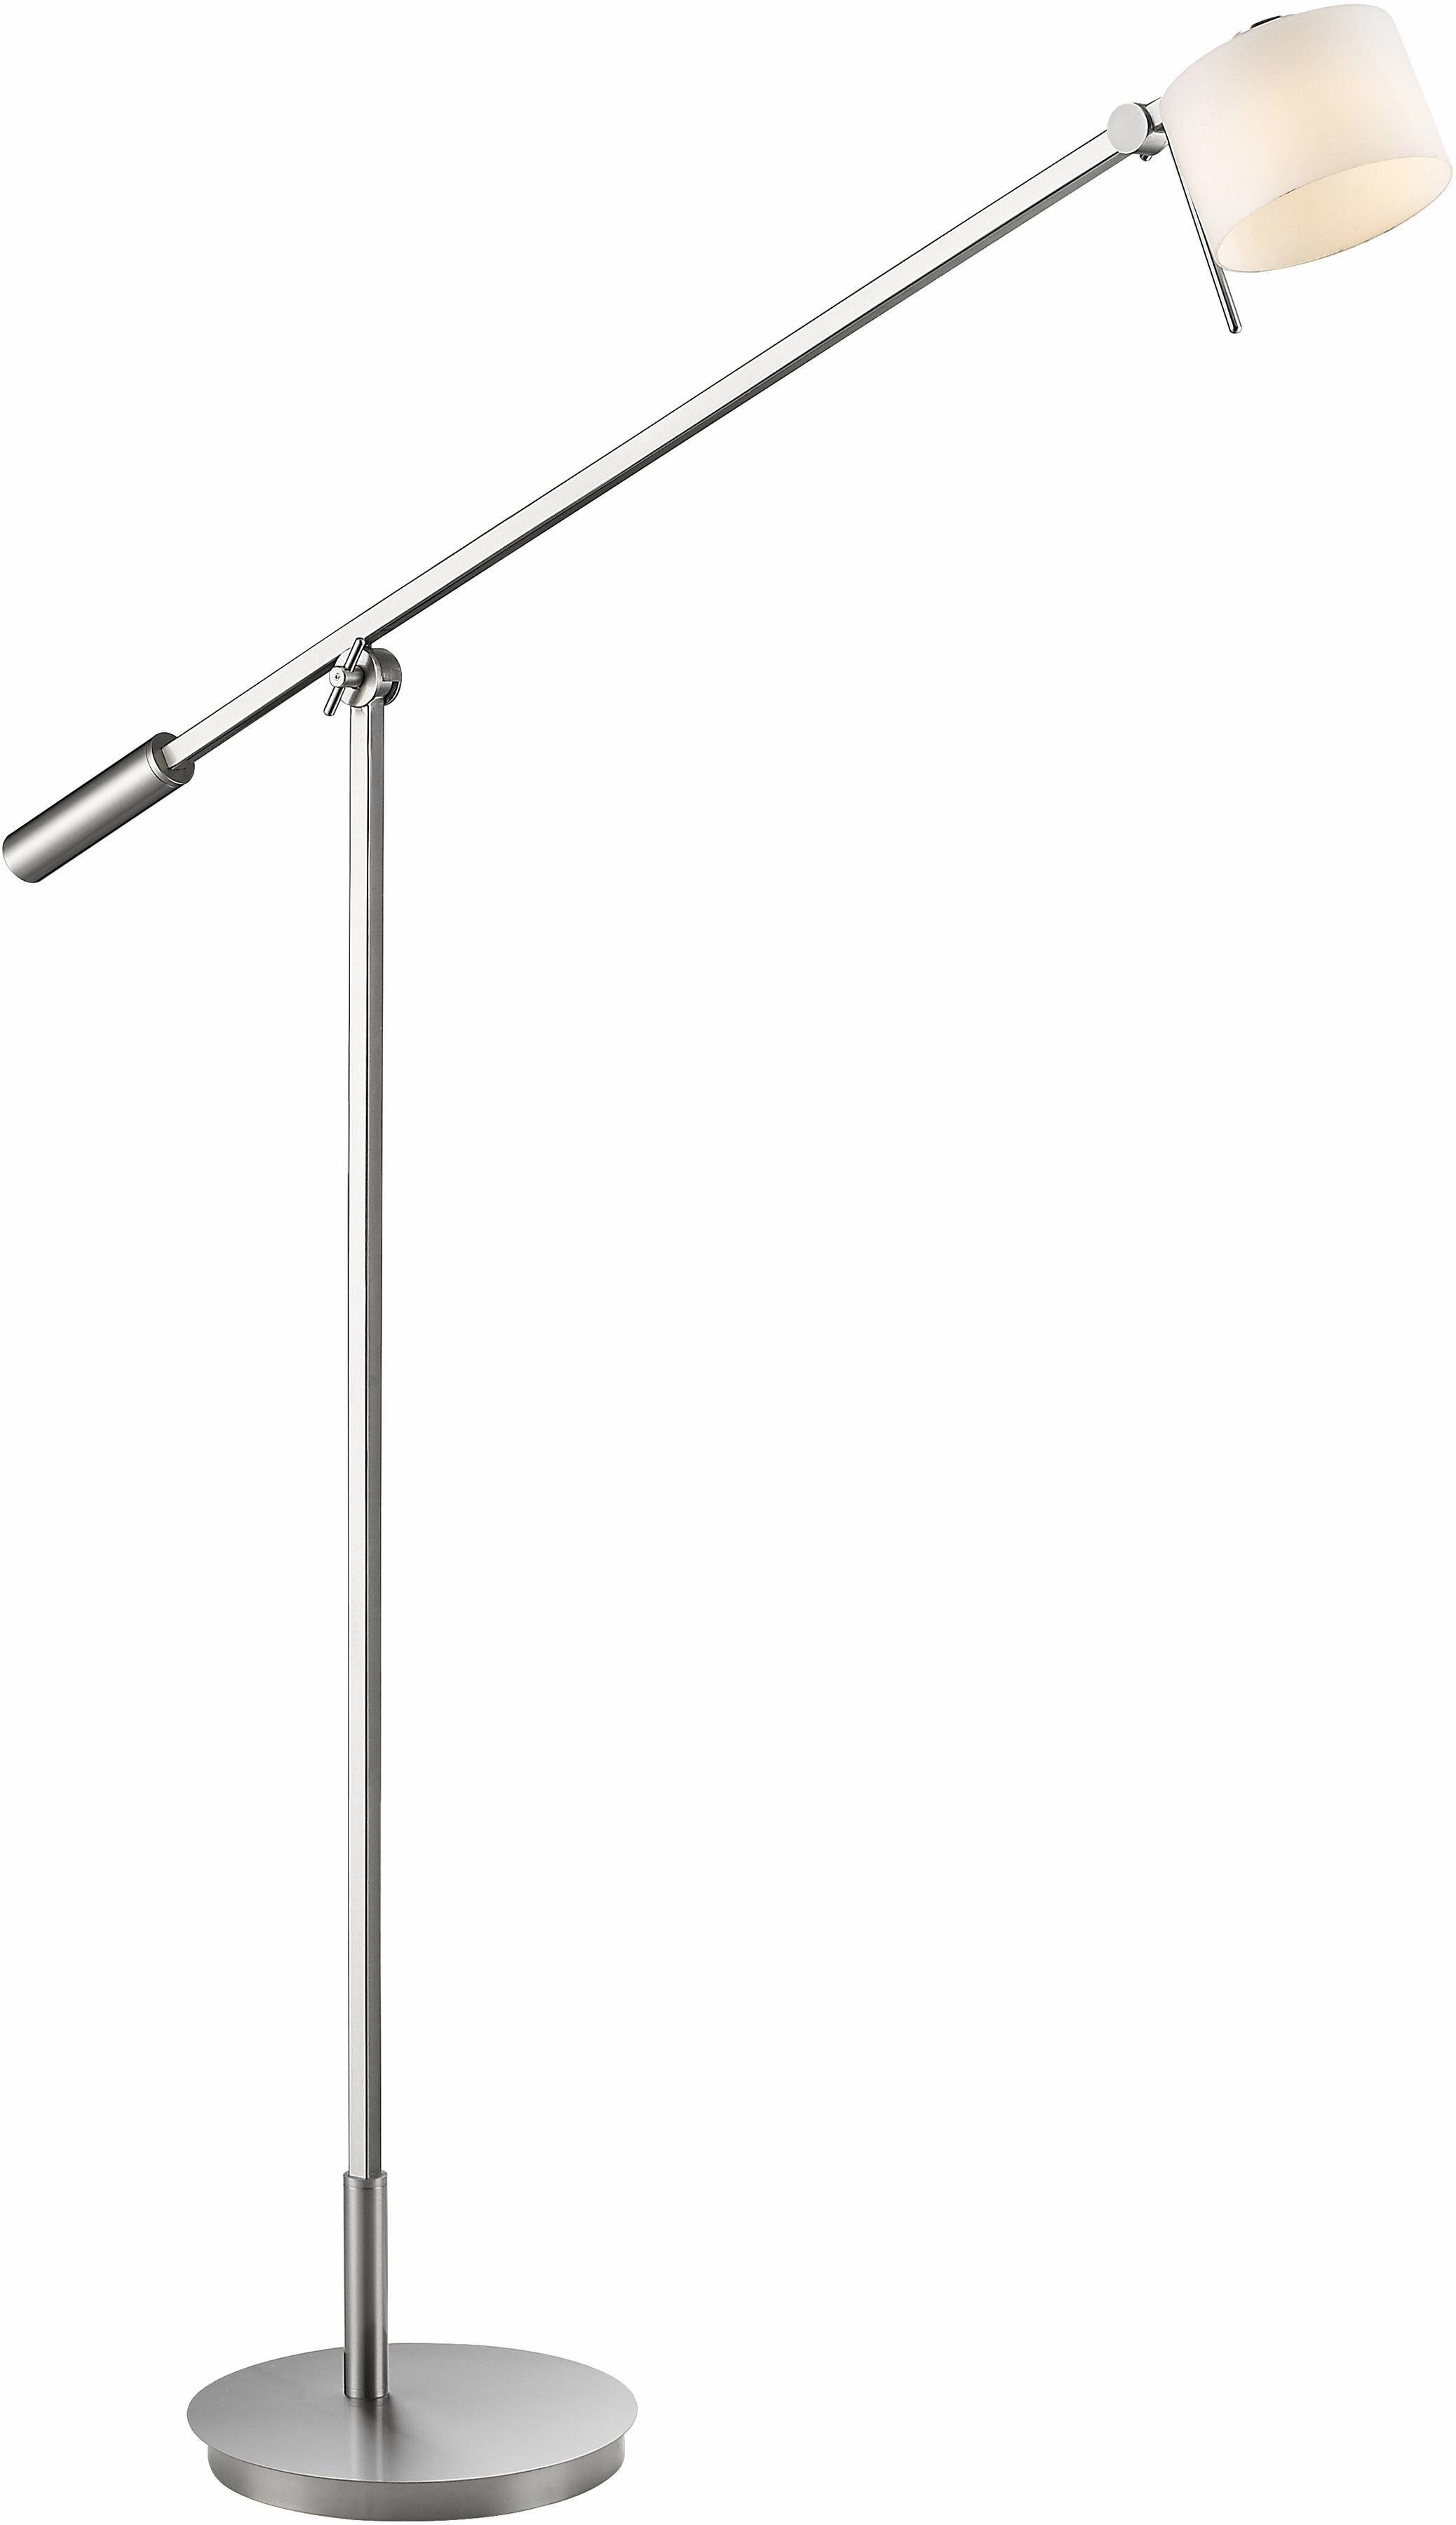 TRIO Leuchten LED Stehlampe »ALEGRO«, 1-flammig